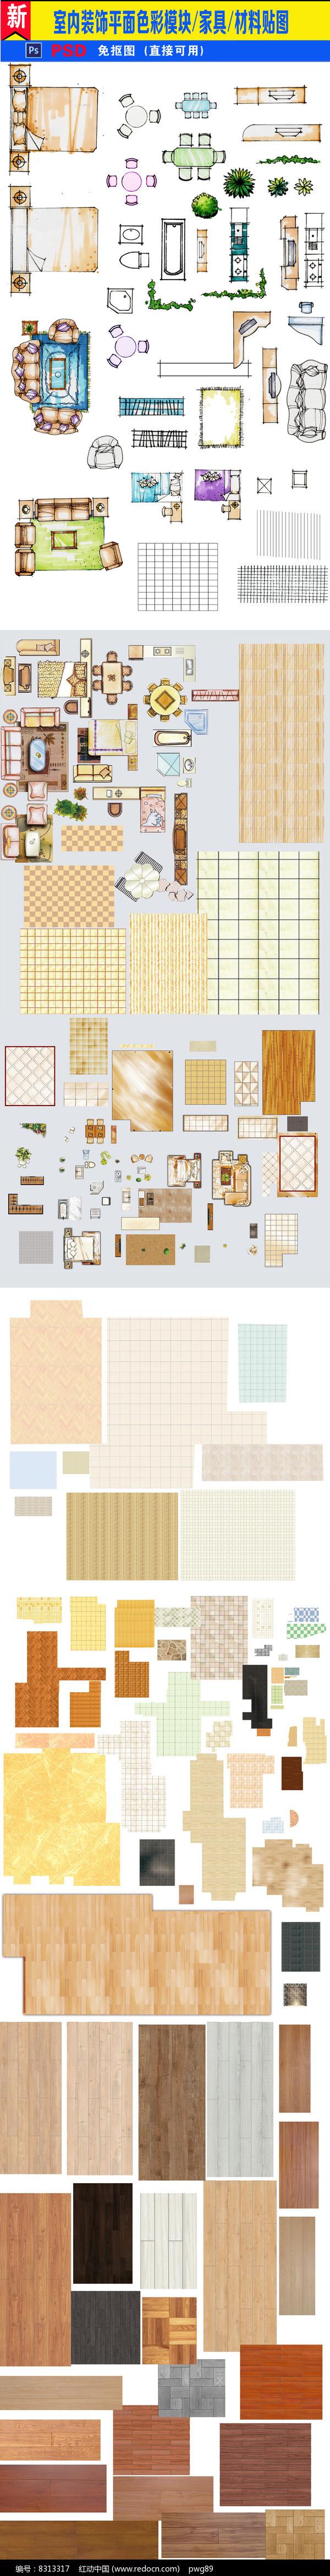 室内色彩家具平面图木地板贴图图片